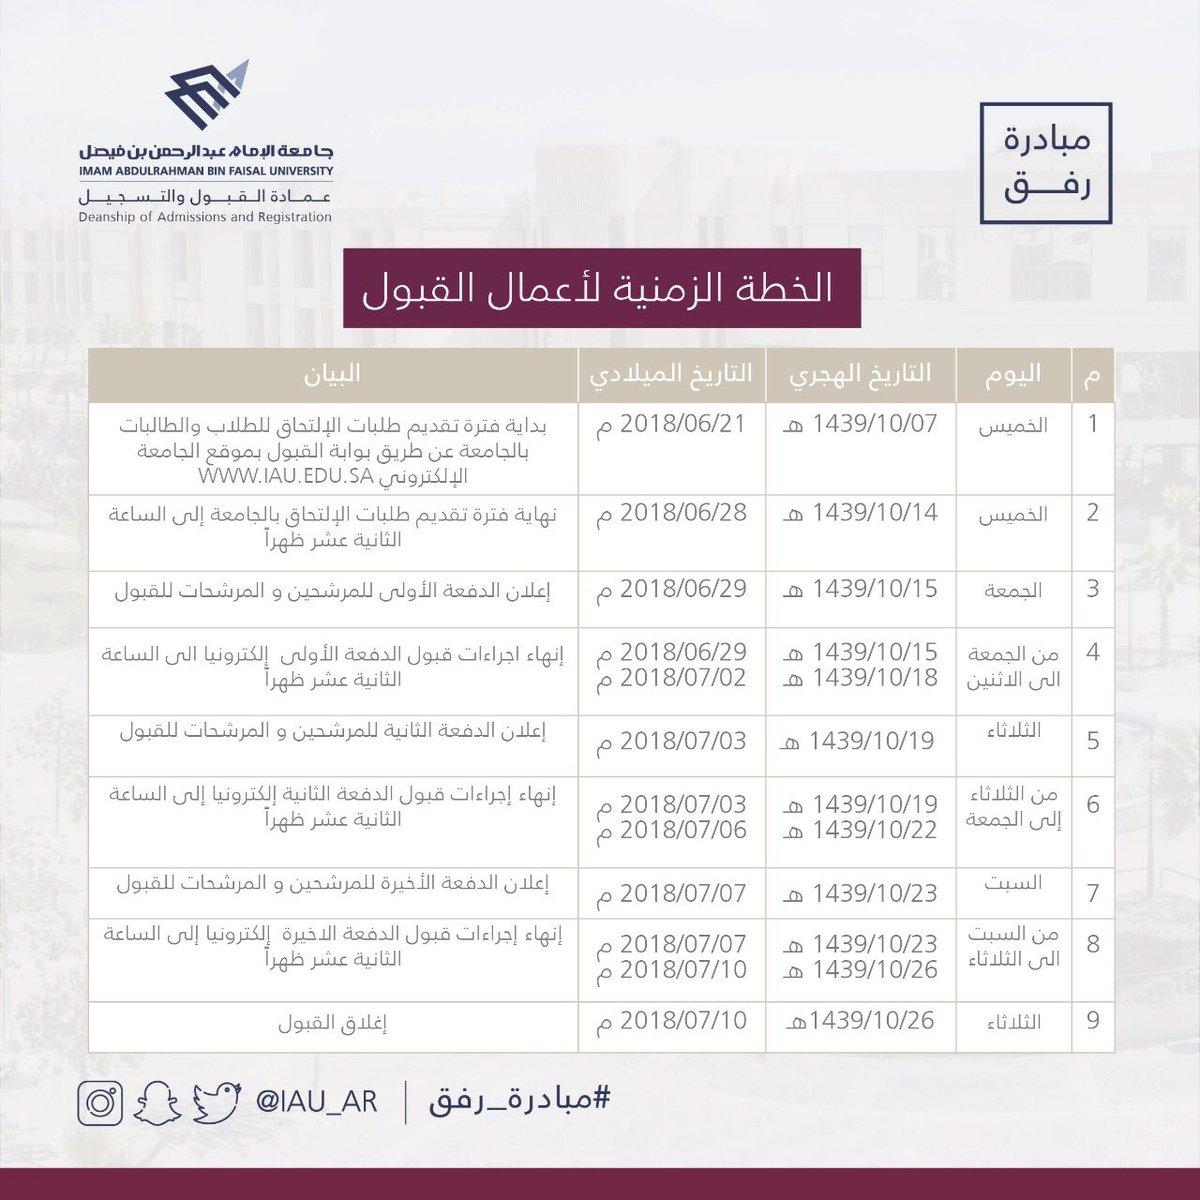 الخطة الزمنية لأعمال القبول لجامعة الامام عبدالرحمن فيصل DgDWDnOW0Ao971C.jpg